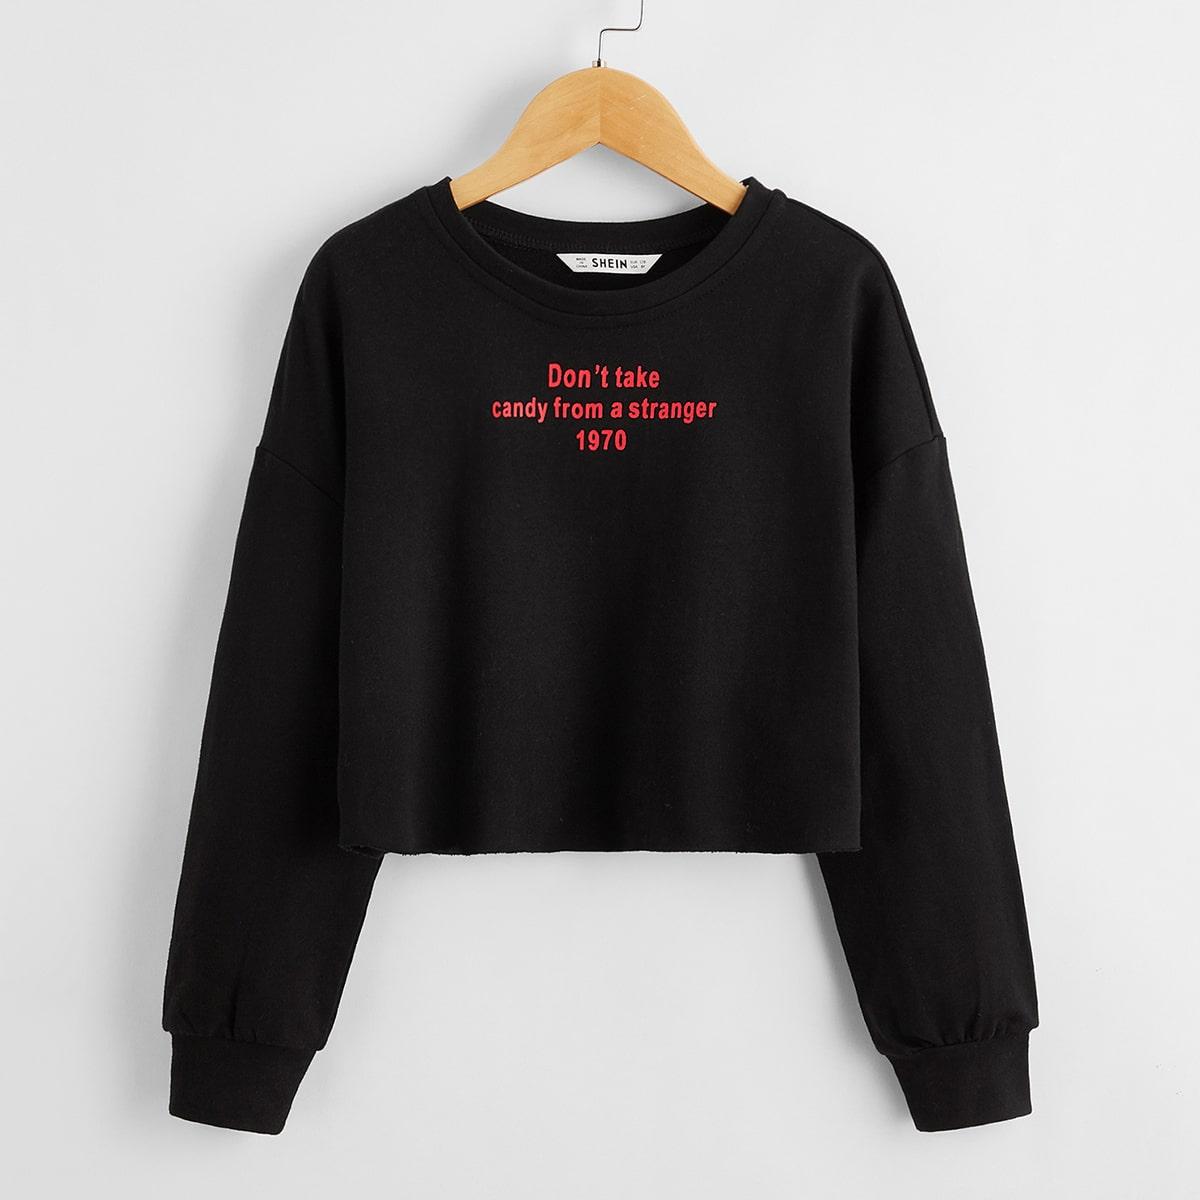 Пуловер с текстовым принтом для девочек от SHEIN